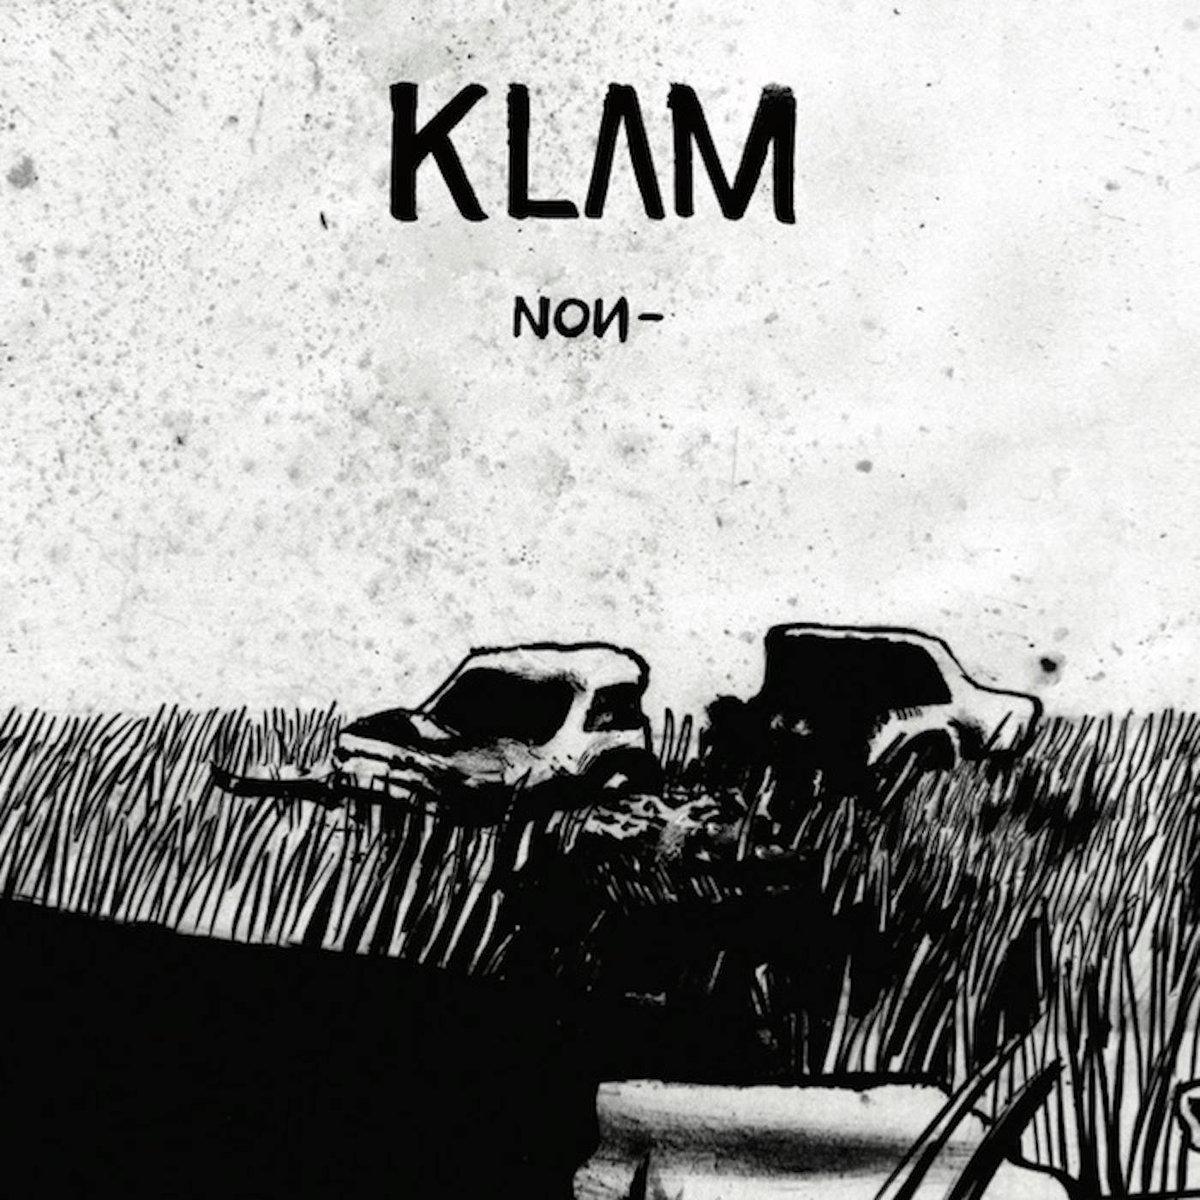 Klam NON-